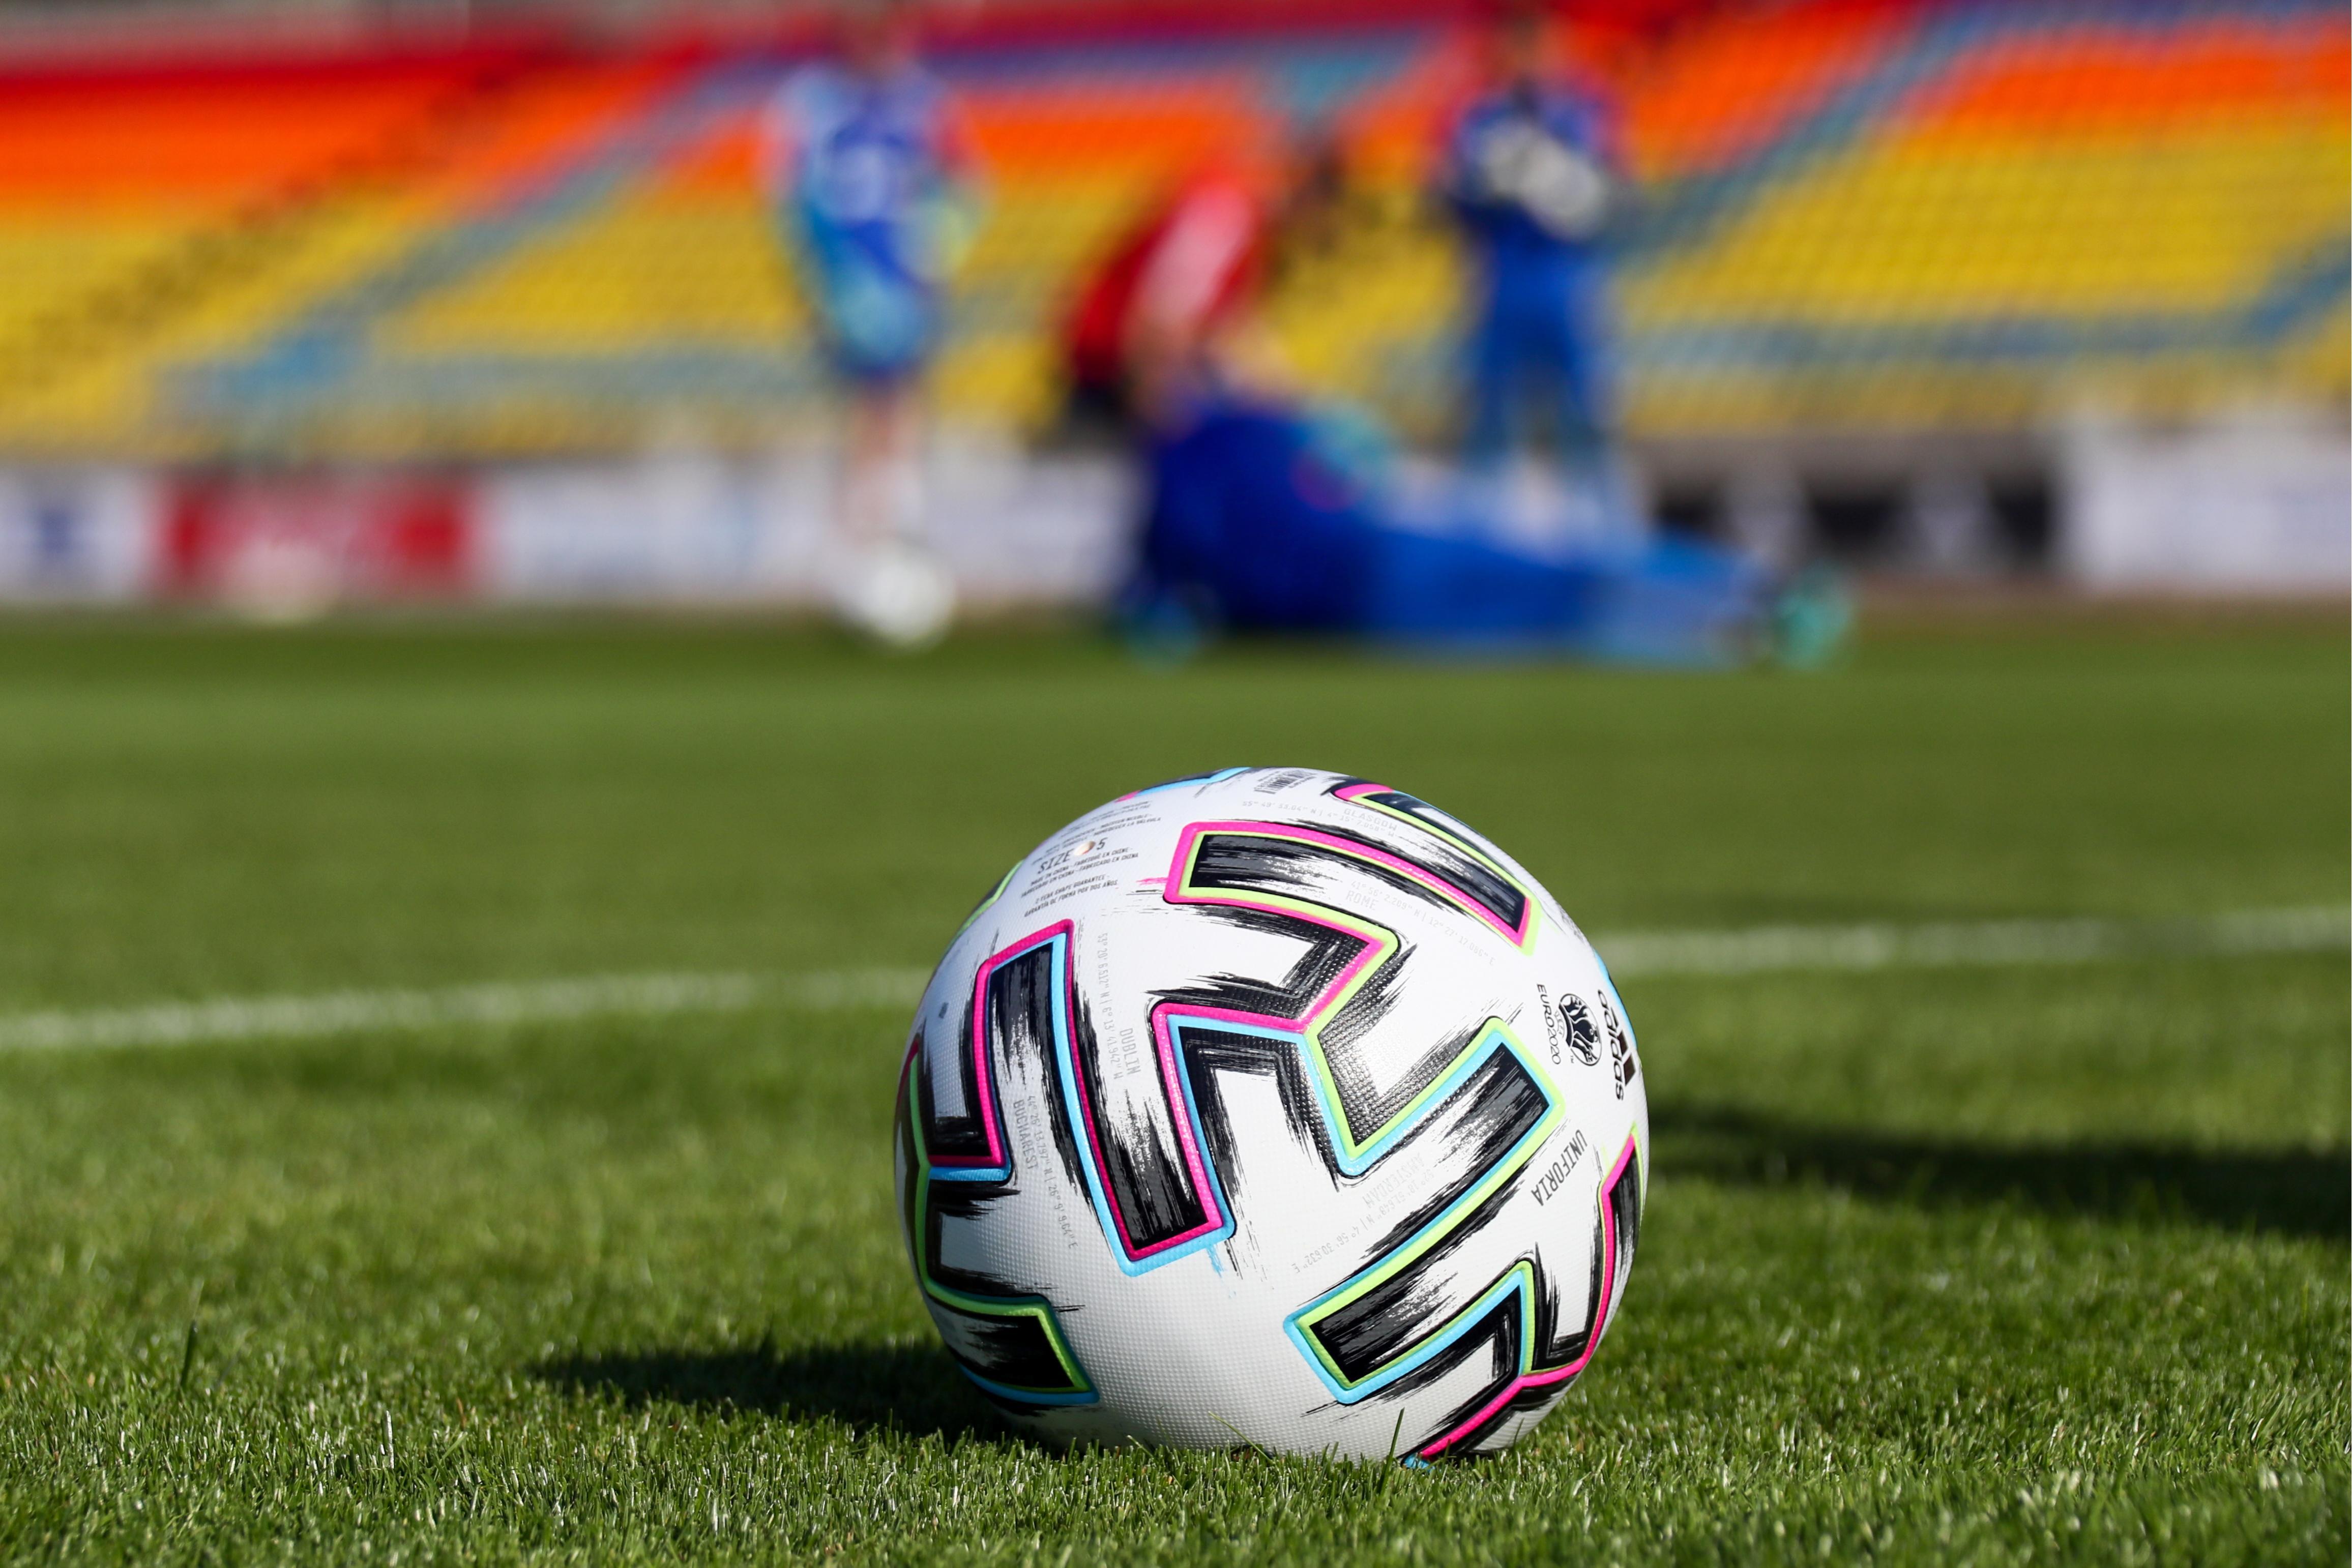 УЕФА не будет отменять матчи сборных Армении и Азербайджана из-за конфликта в Карабахе